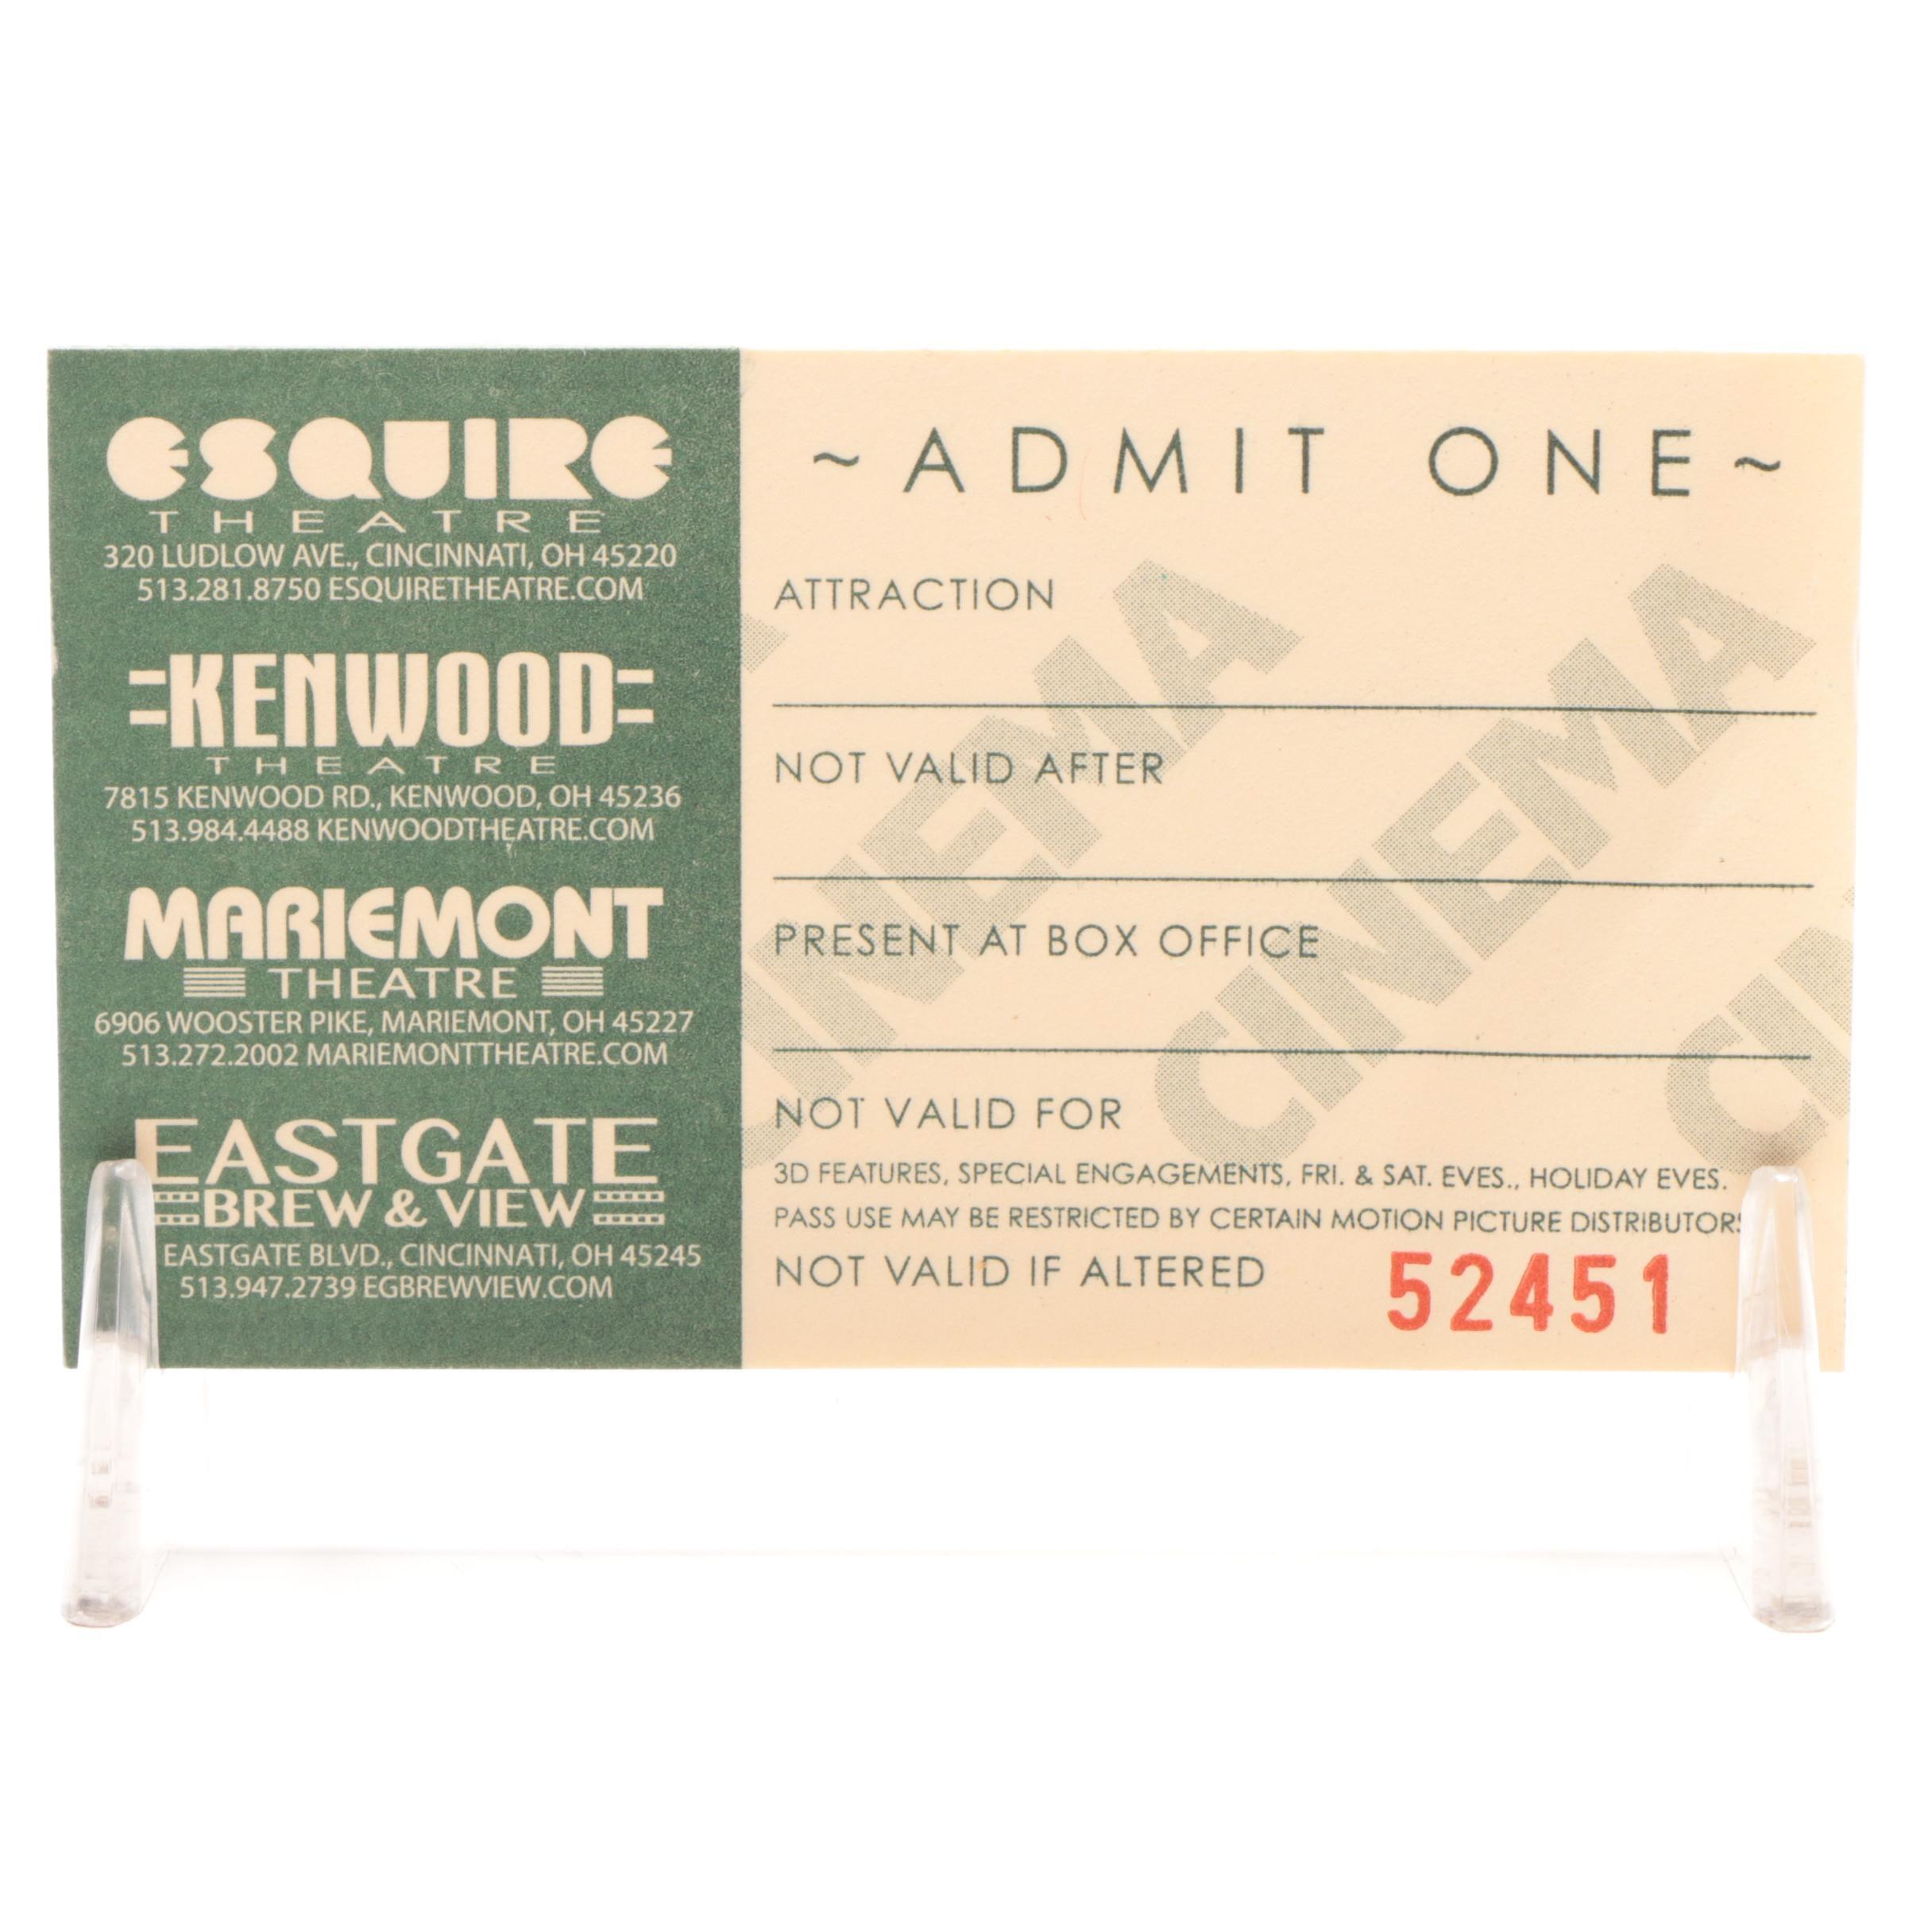 25 Movie Ticket Vouchers